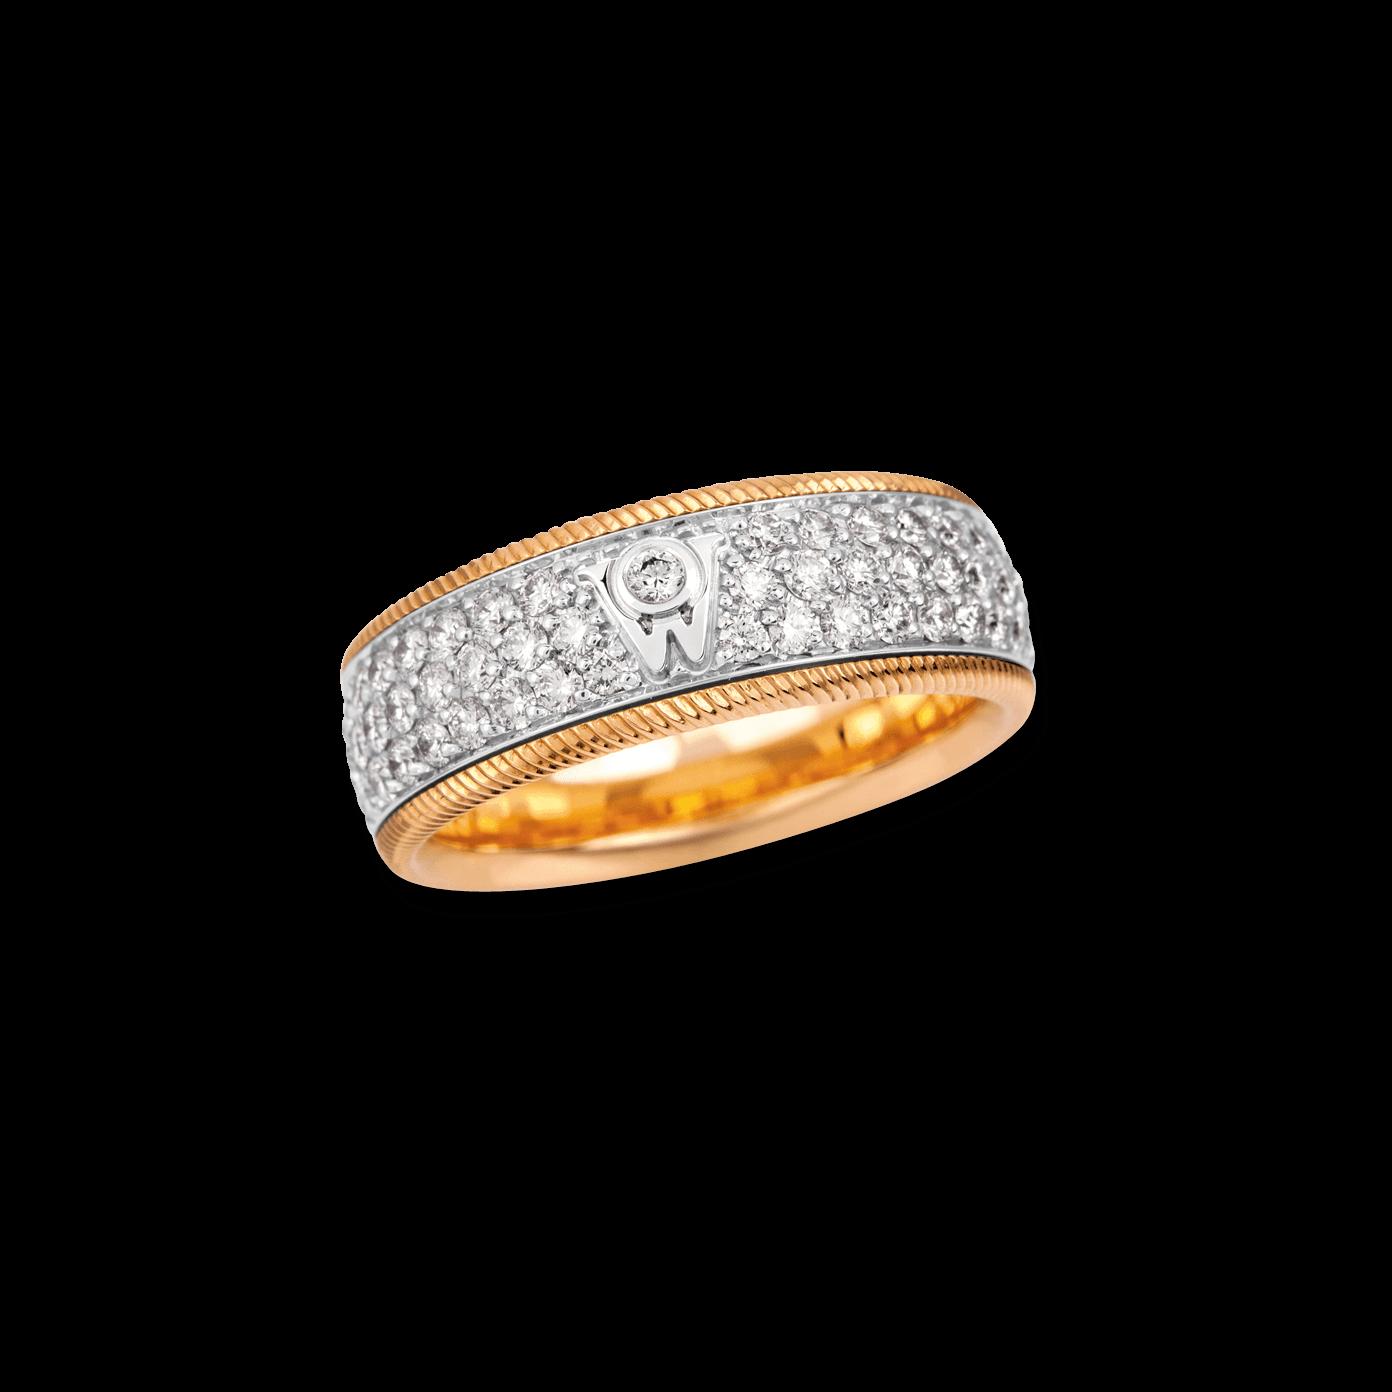 Lupenreiner diamant 2 karat preis